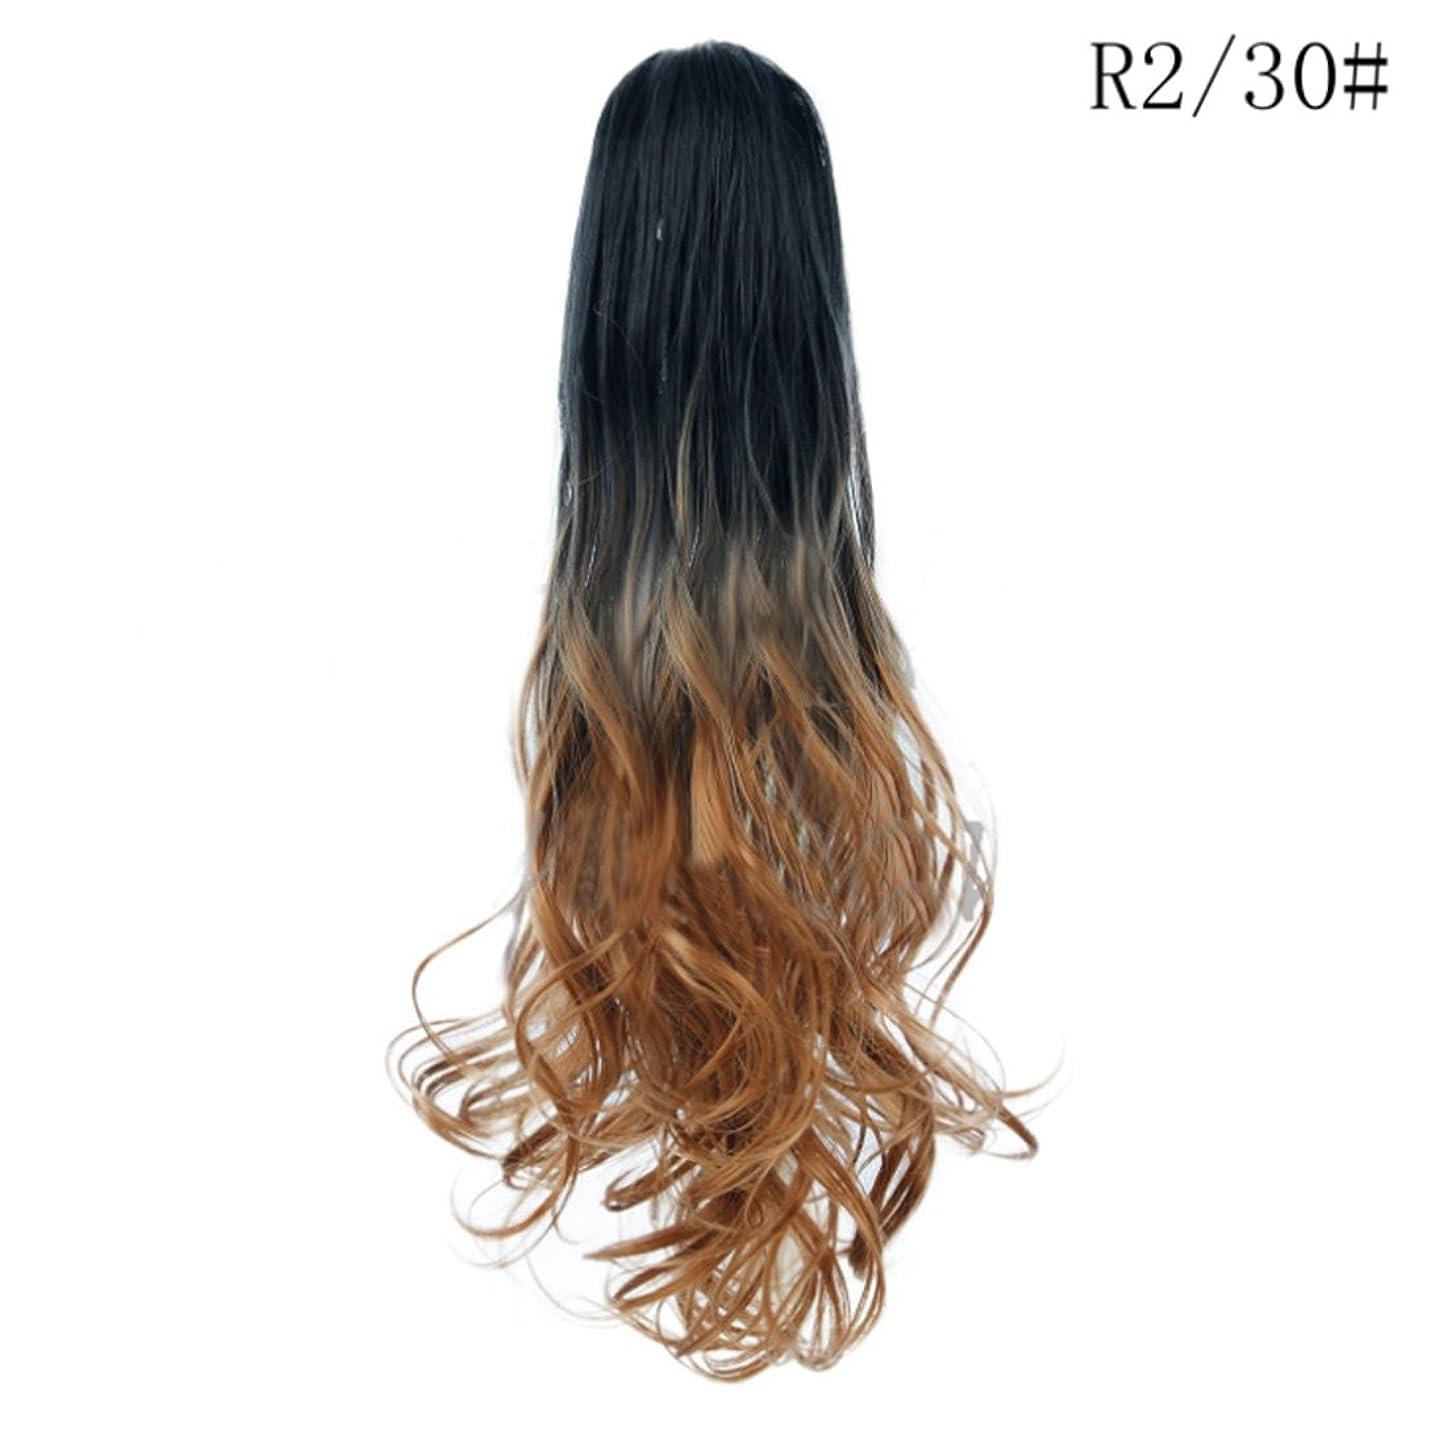 白鳥リネン後方Koloeplf ロングロール目に見えないシームレスなひげそりの髪21インチの爪のクリップポニーテールのウィッグ女性のための大きな波ロールのヘアピースカーリーポニーテールのかつら (Color : R2/30#)